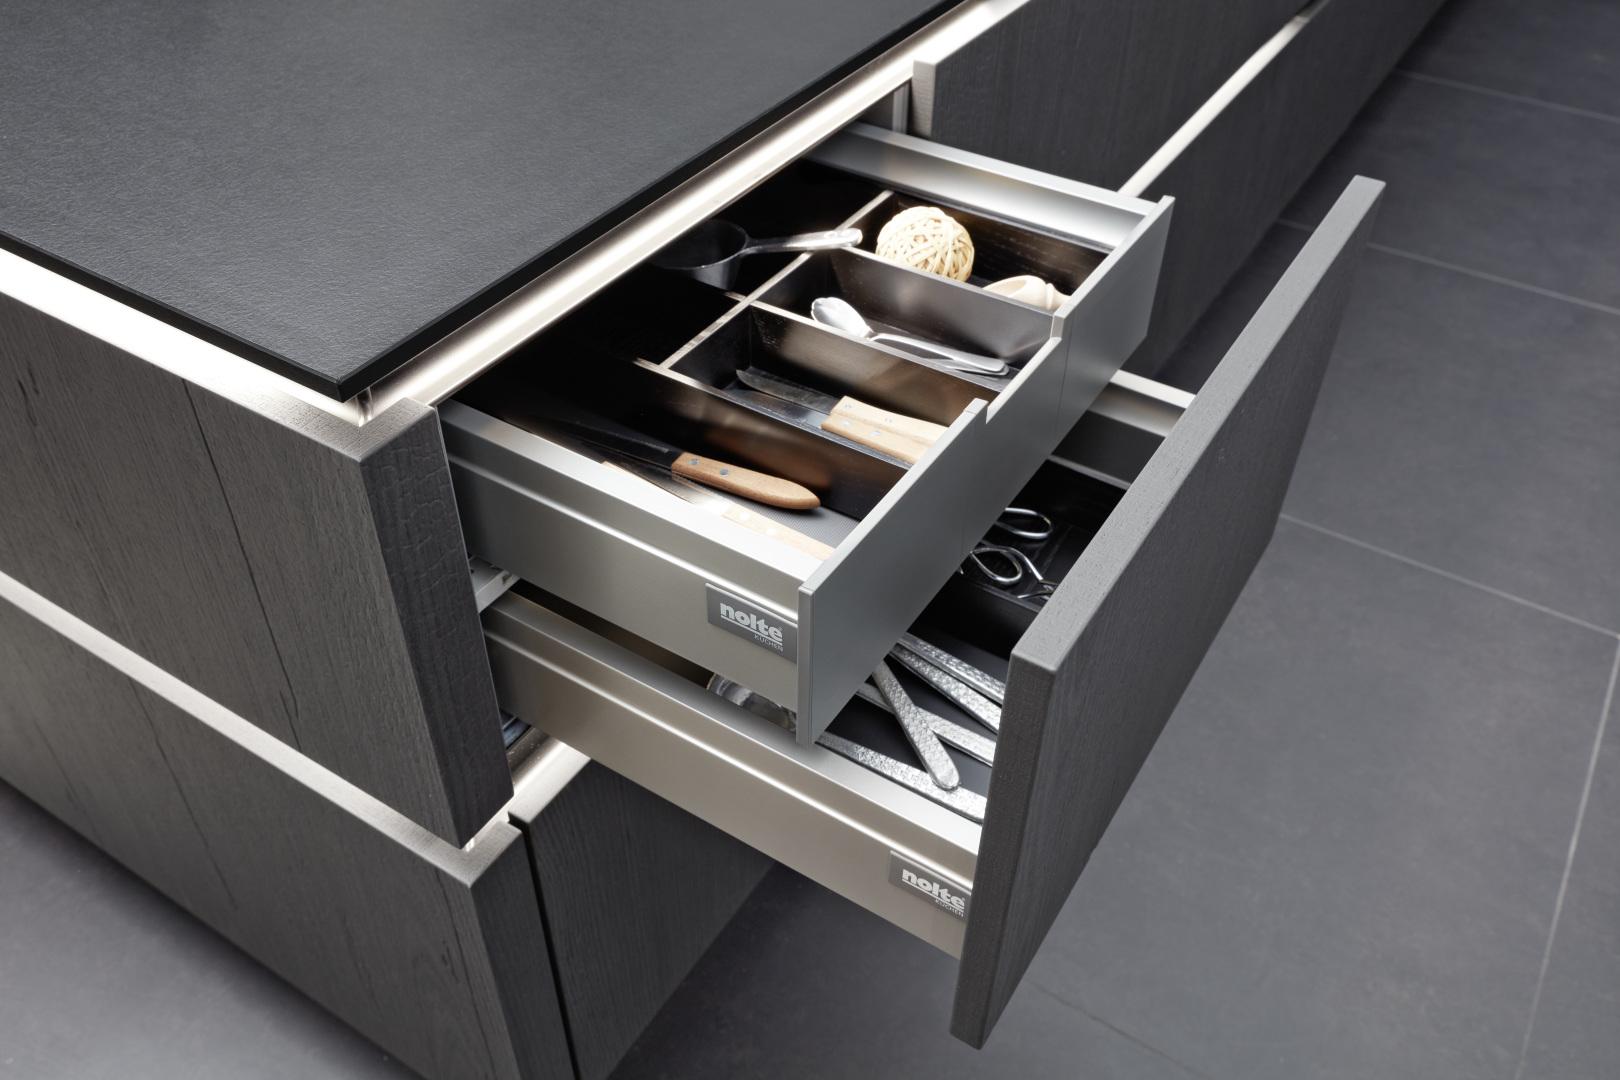 szuflada głęboka i szuflada wewnętrzna nolte